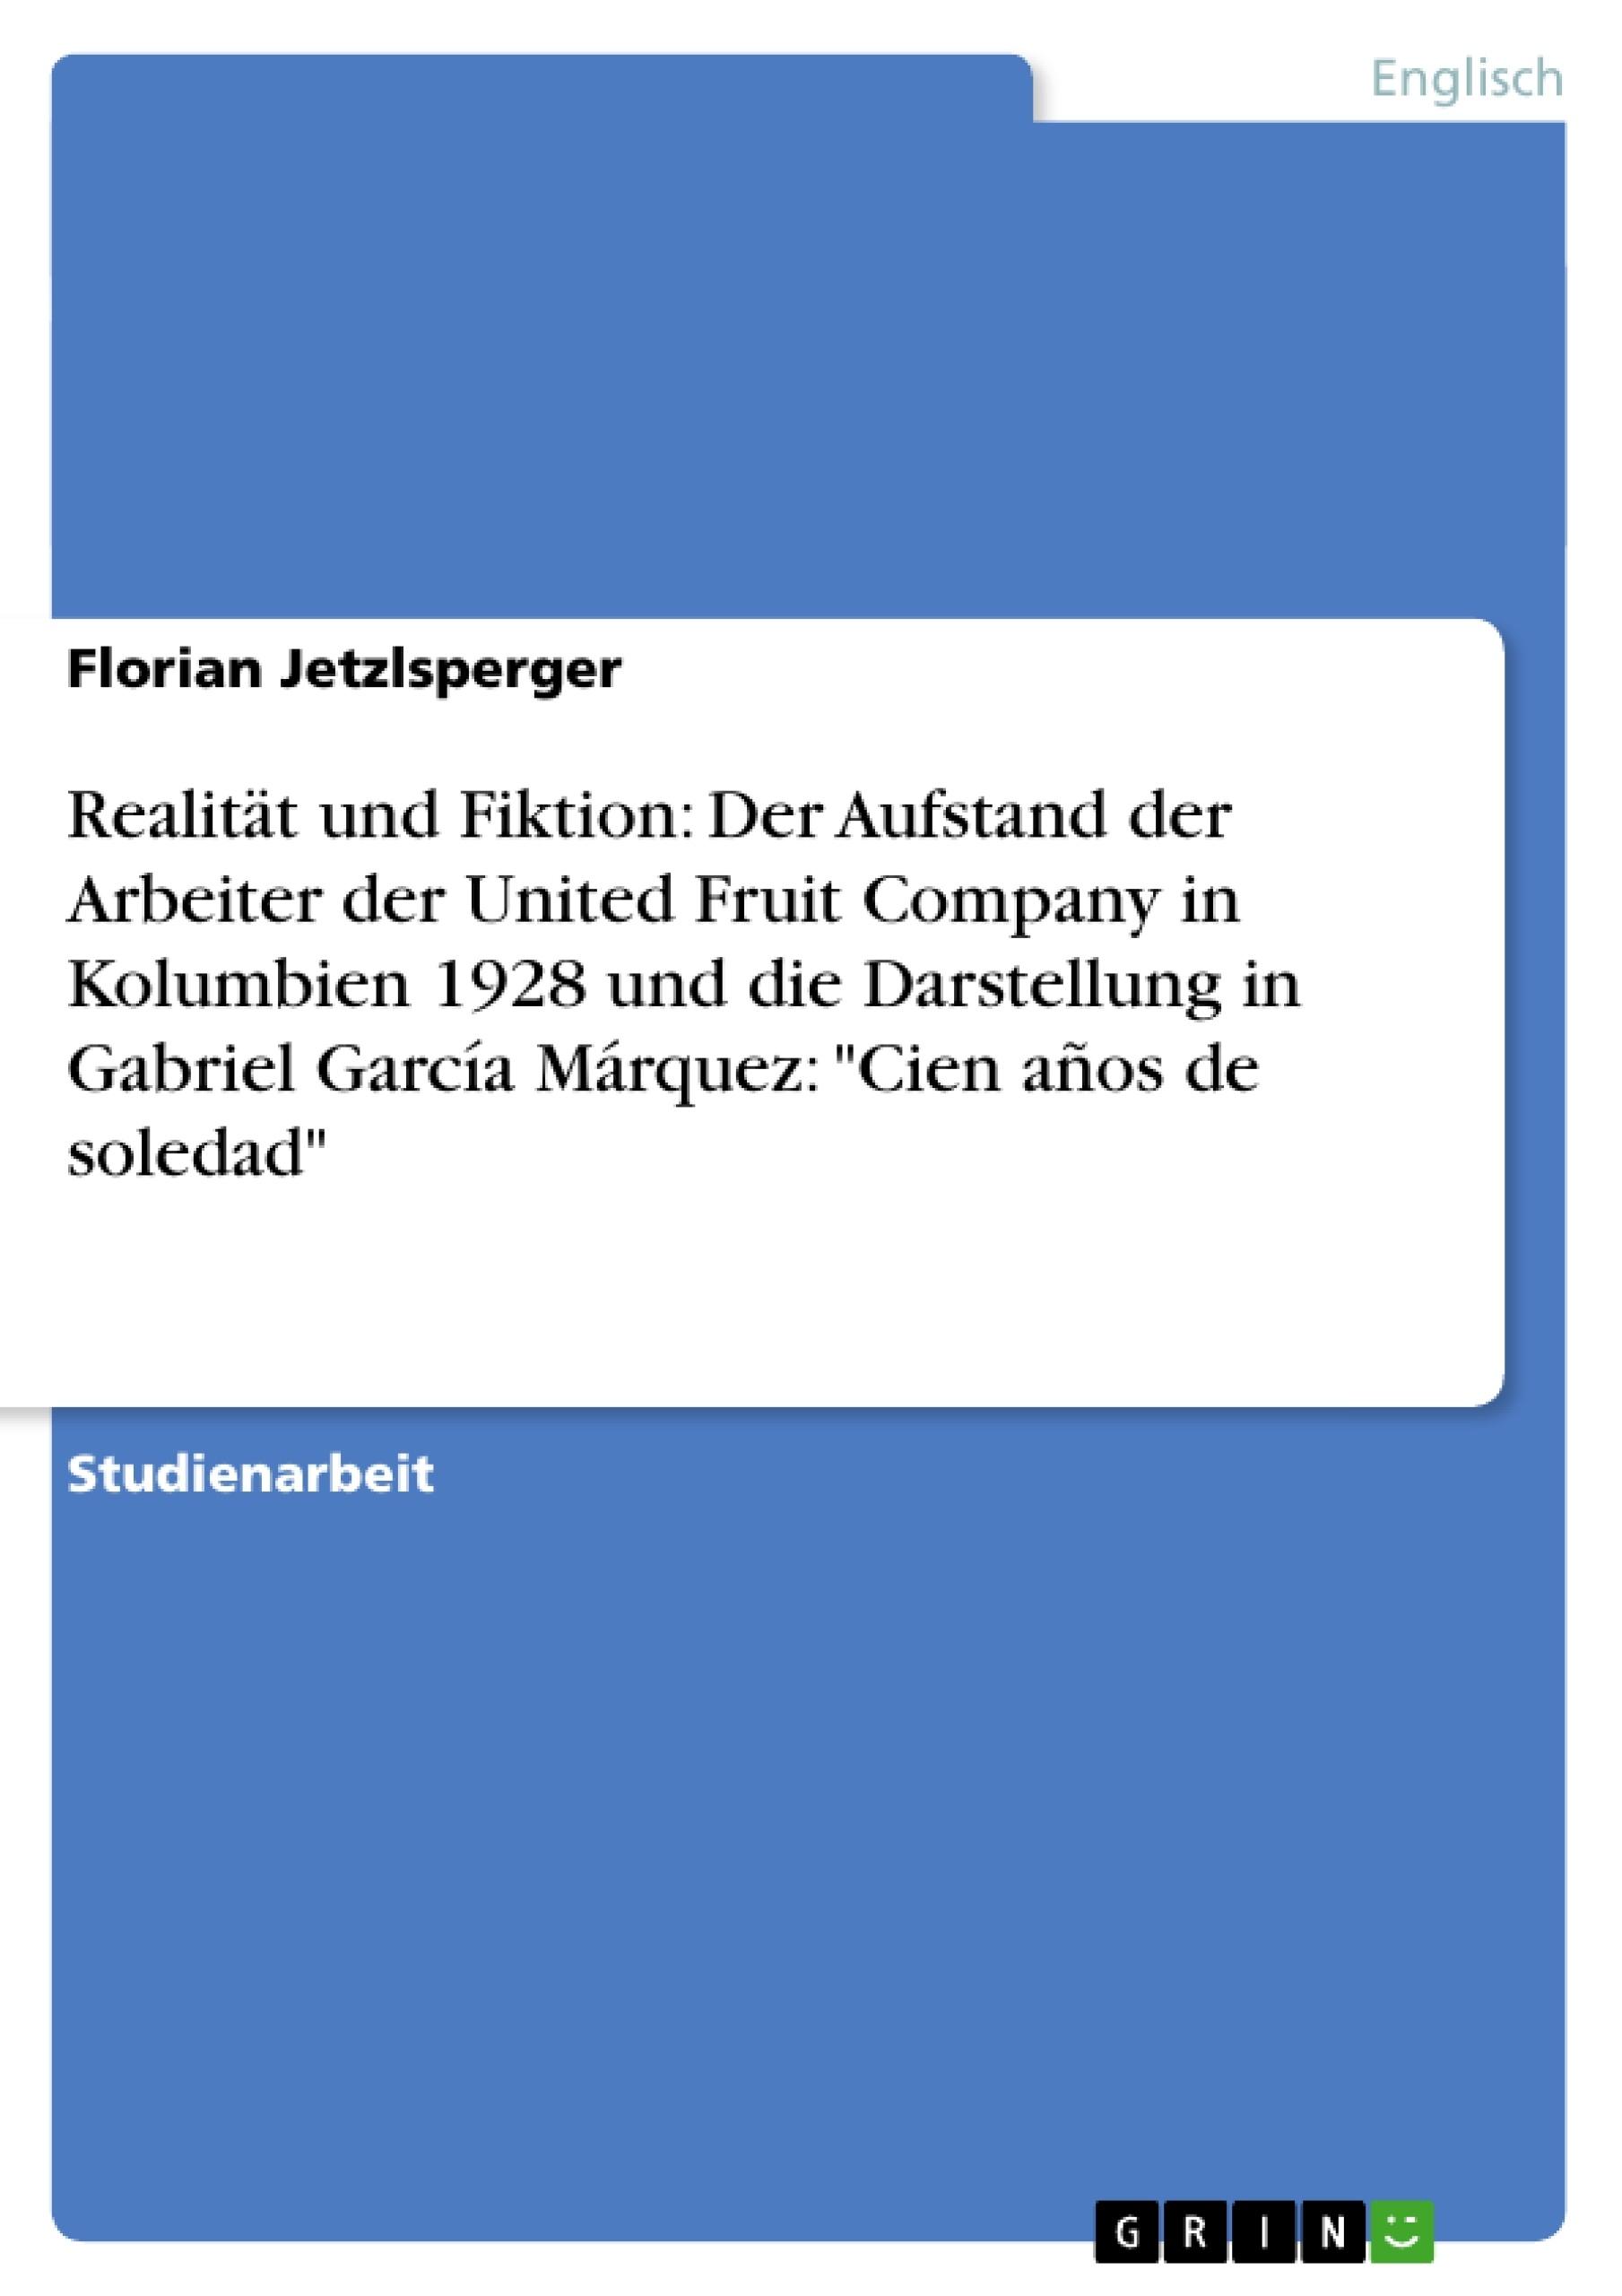 """Titel: Realität und Fiktion: Der Aufstand der Arbeiter der United Fruit Company in Kolumbien 1928 und die Darstellung in Gabriel García Márquez: """"Cien años de soledad"""""""